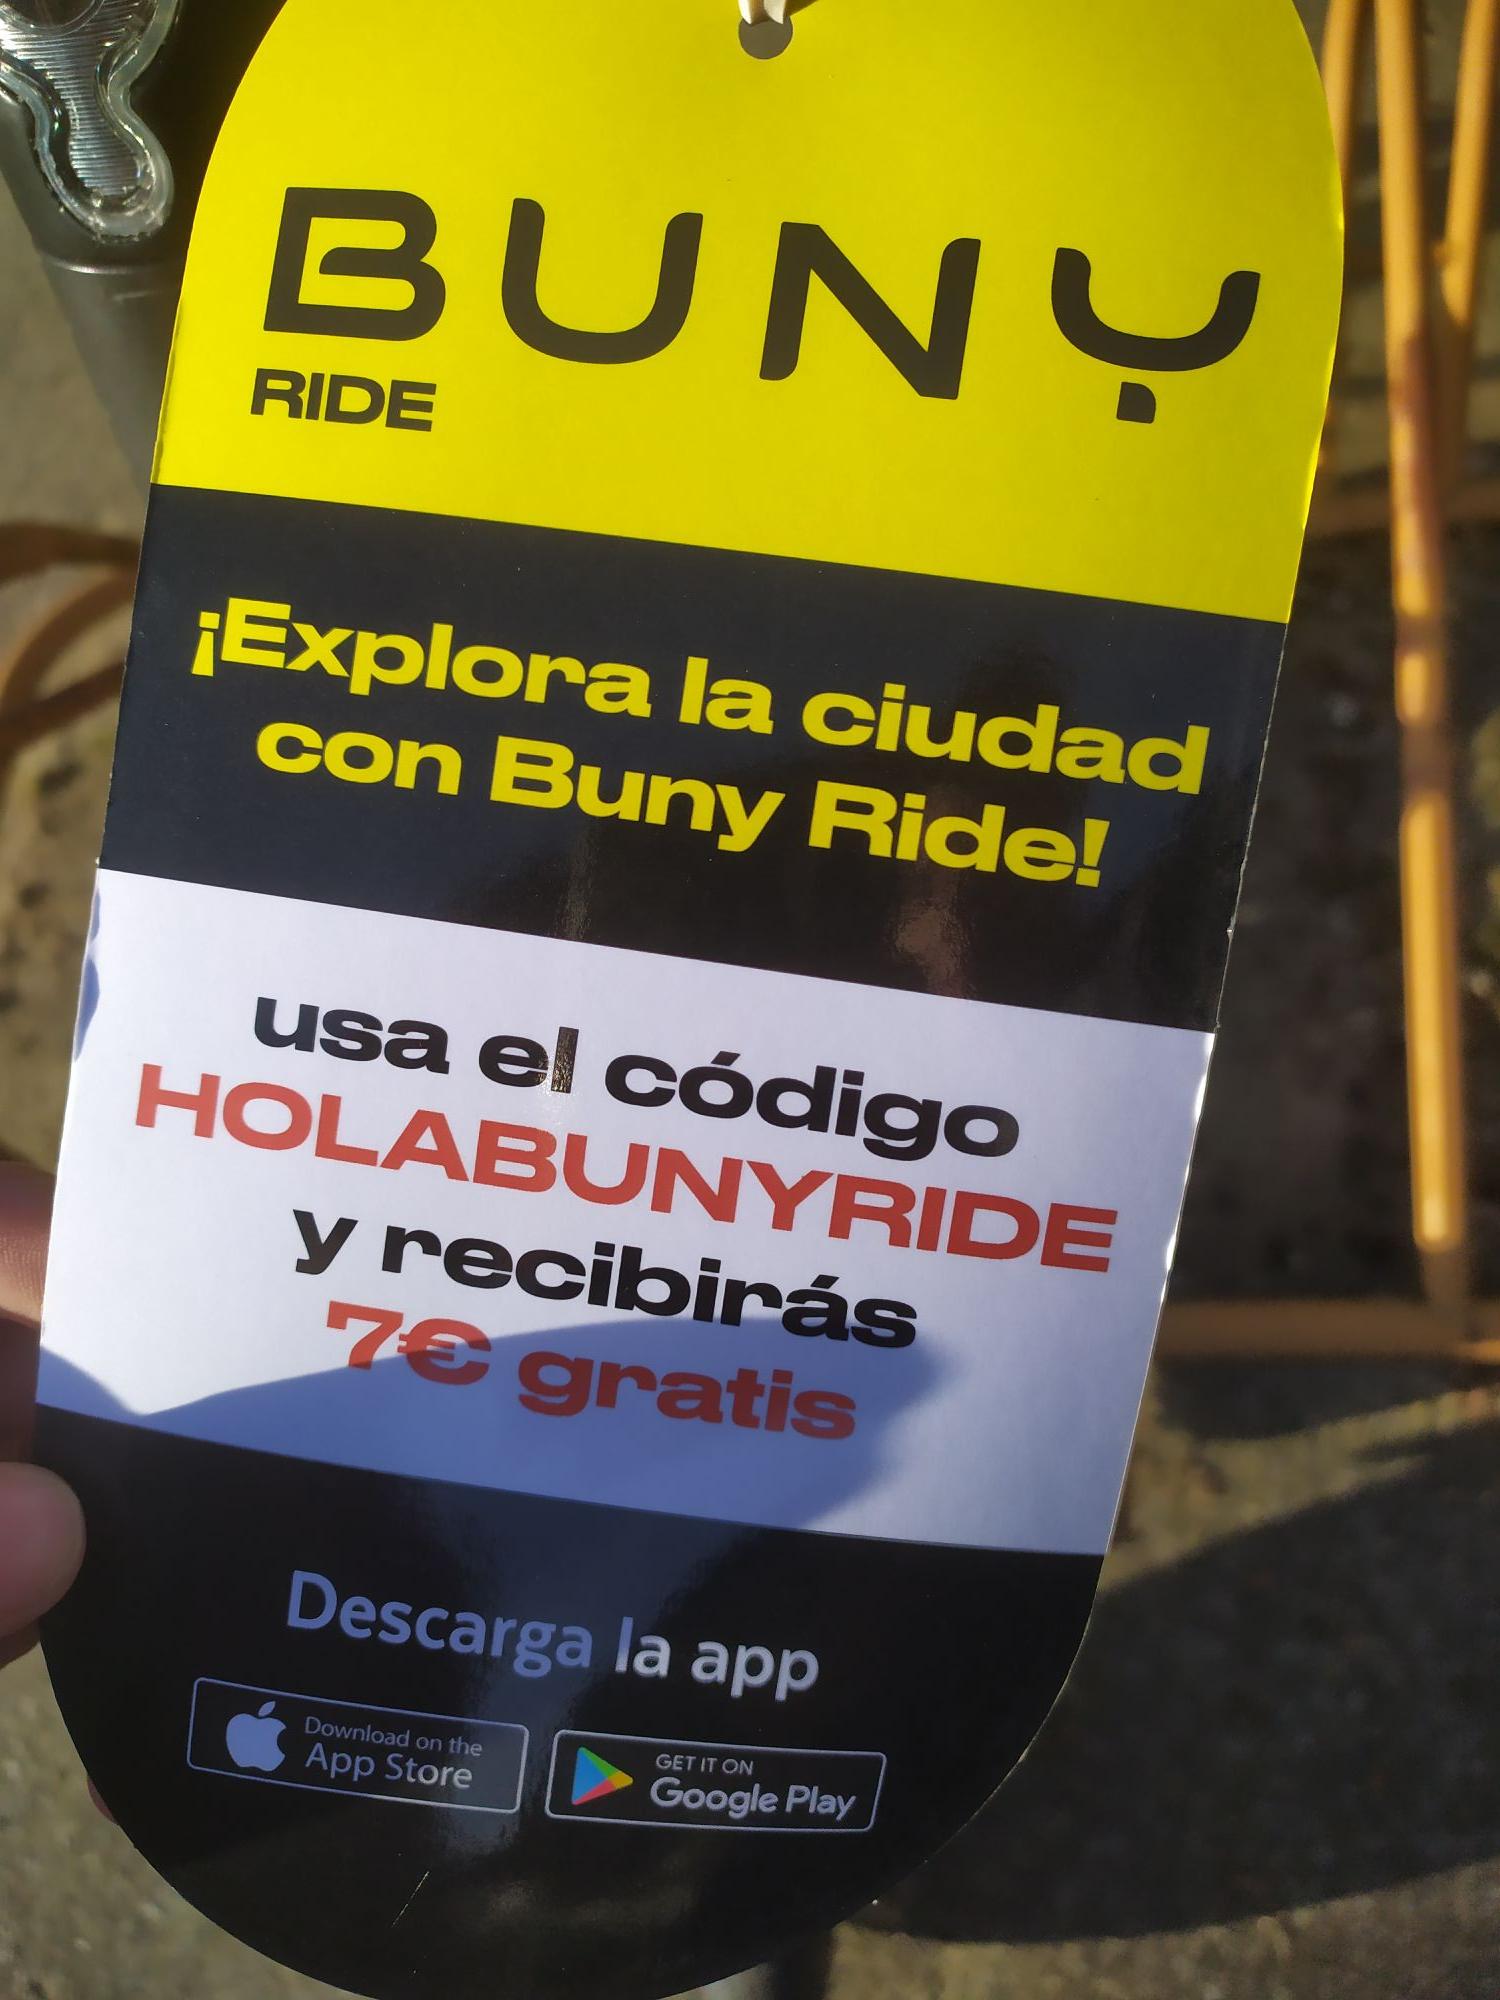 7€+3€+3 desbloqueos gratis en Buny Ride